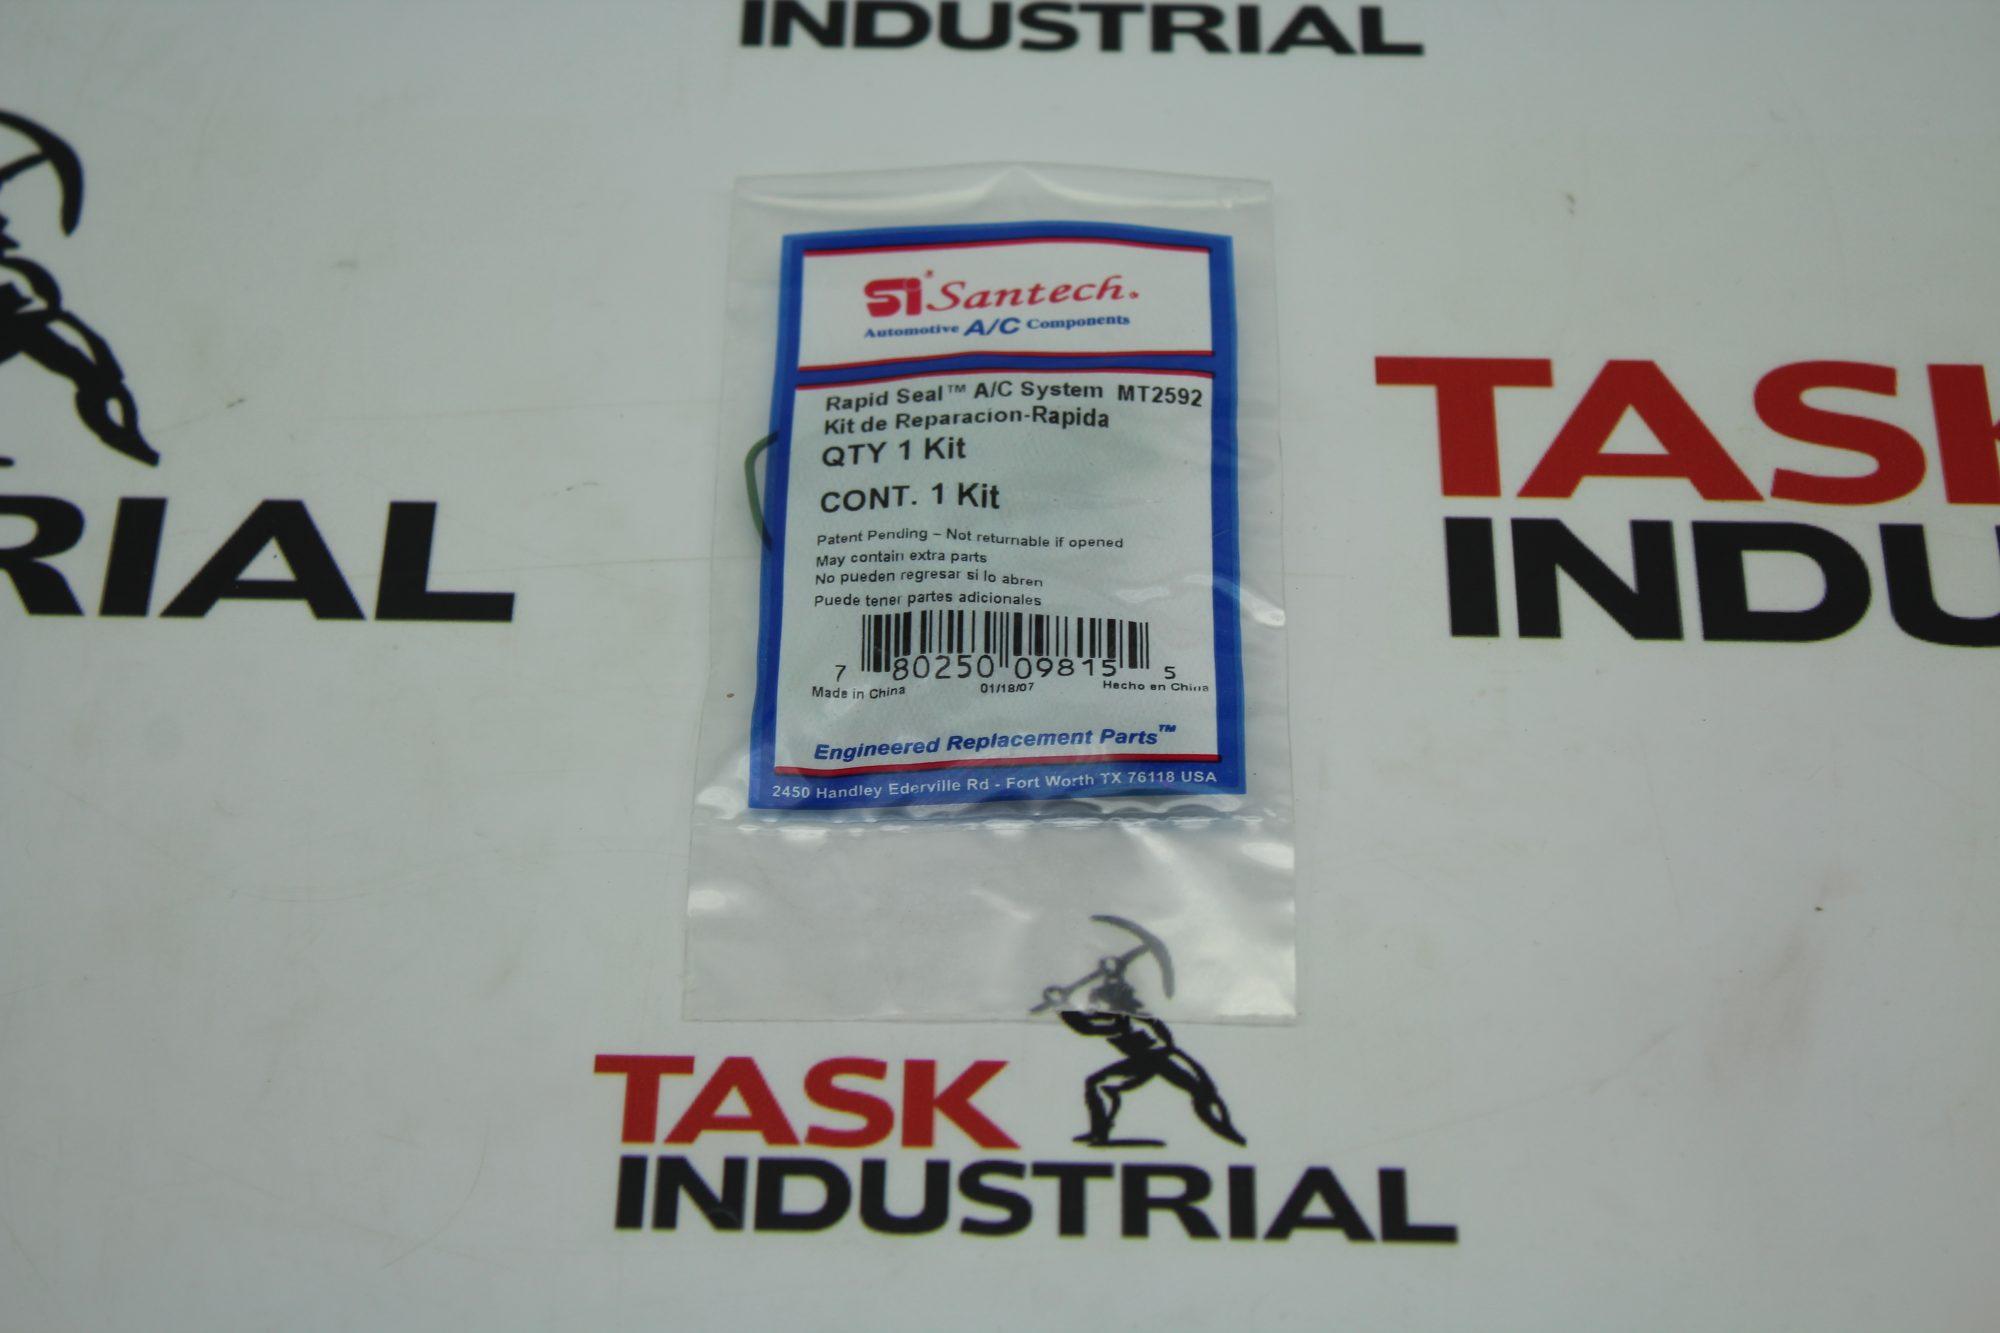 Santech MT2592 Rapid Seal A/C System Kit